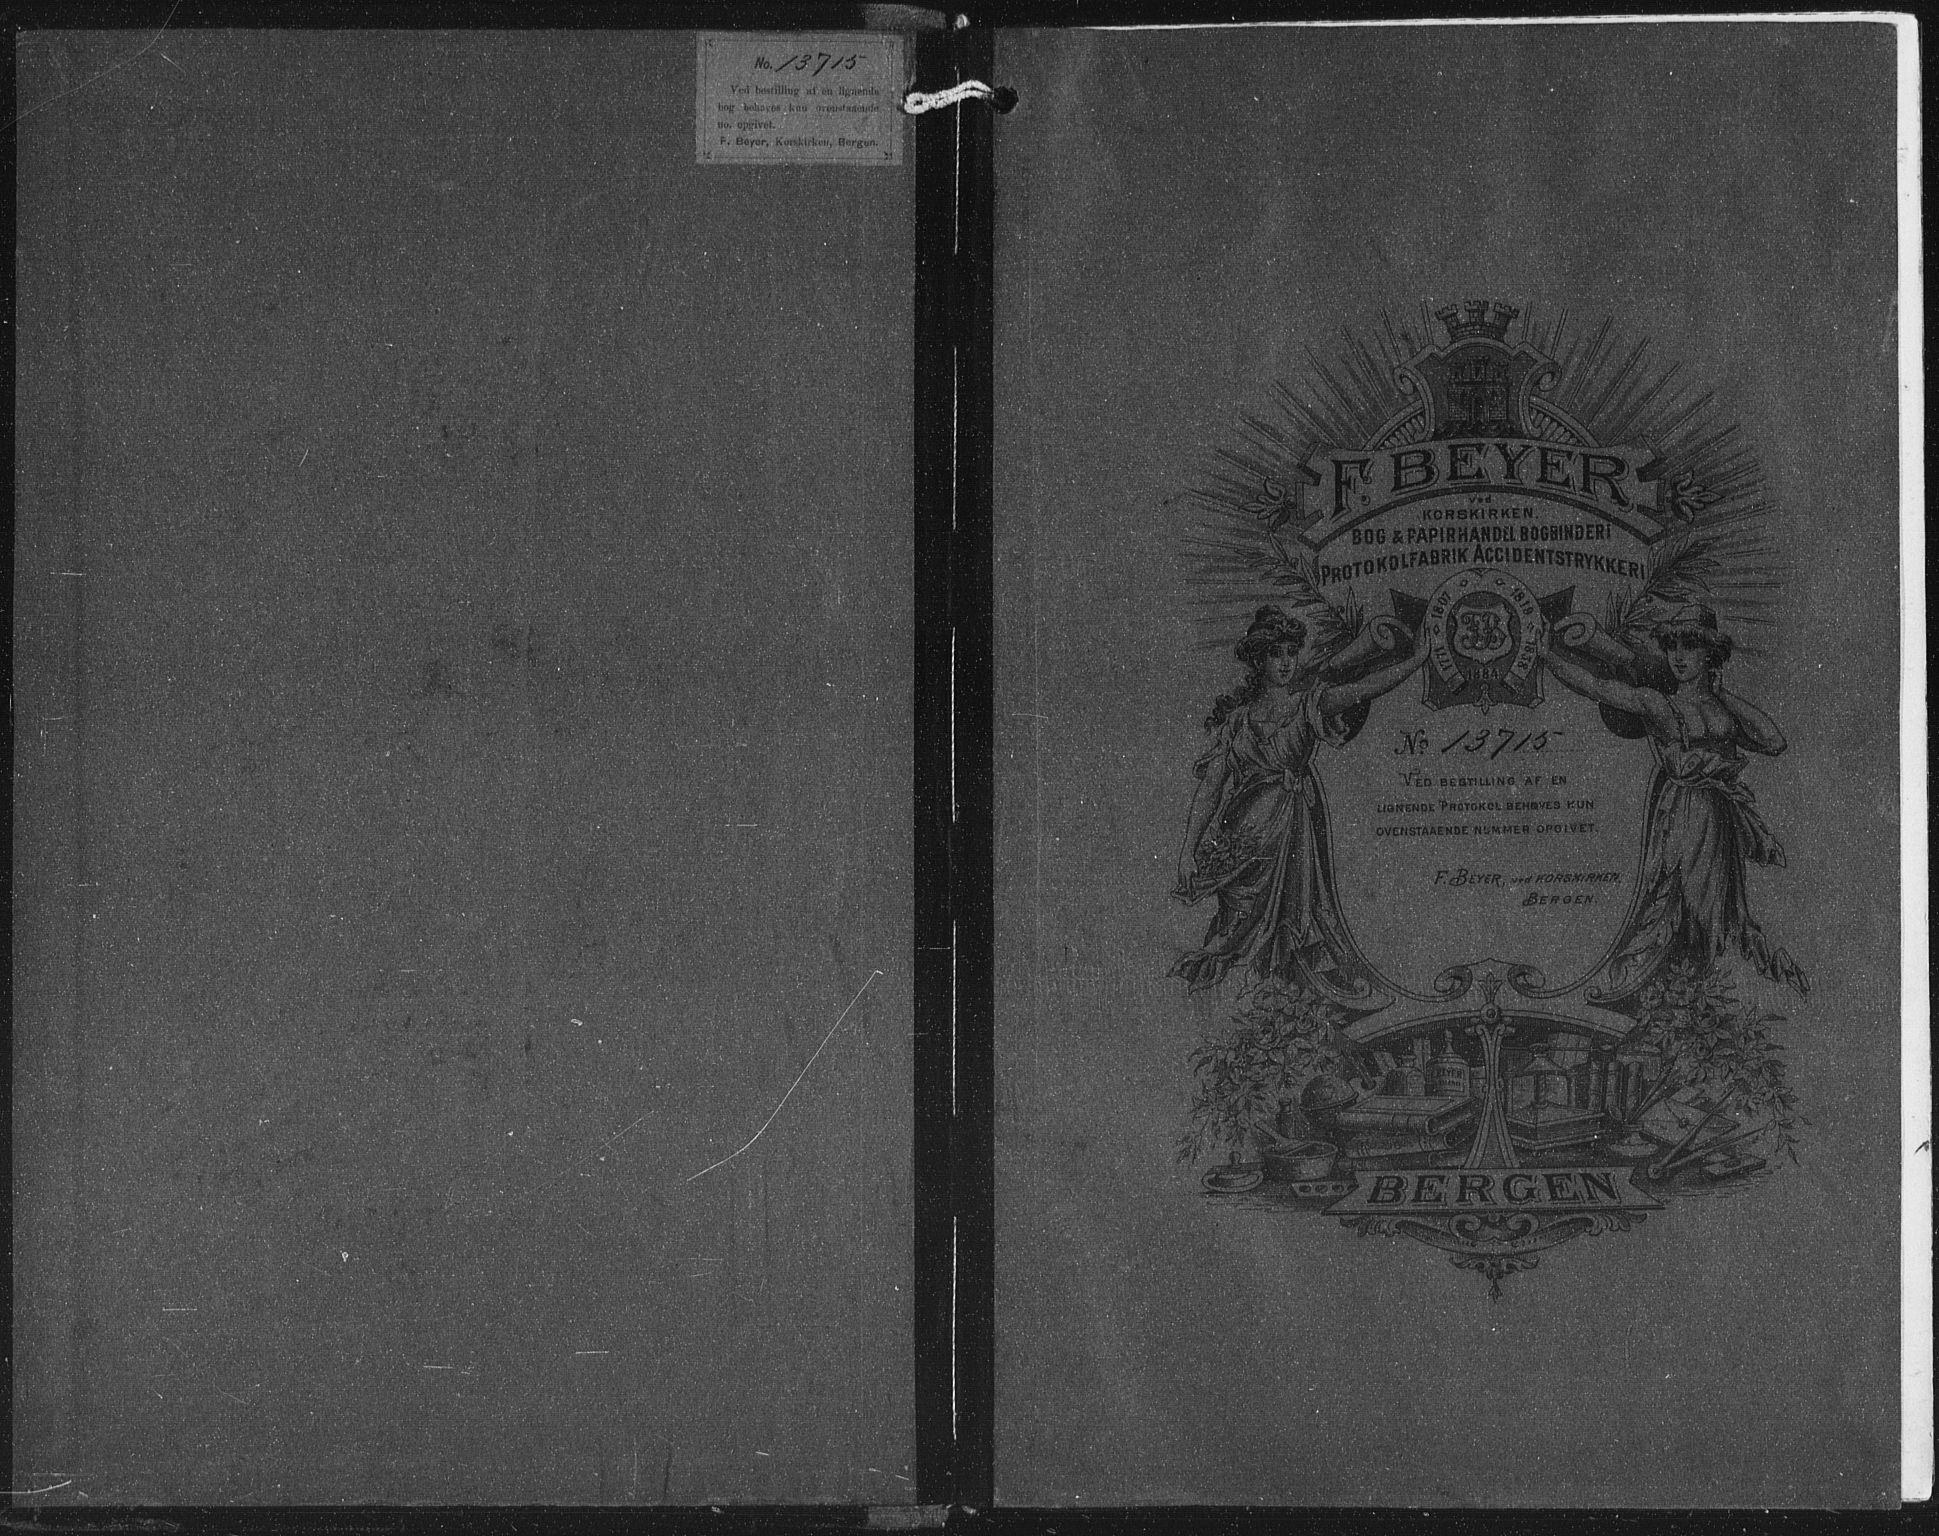 SAT, Ministerialprotokoller, klokkerbøker og fødselsregistre - Nord-Trøndelag, 702/L0024: Ministerialbok nr. 702A02, 1898-1914